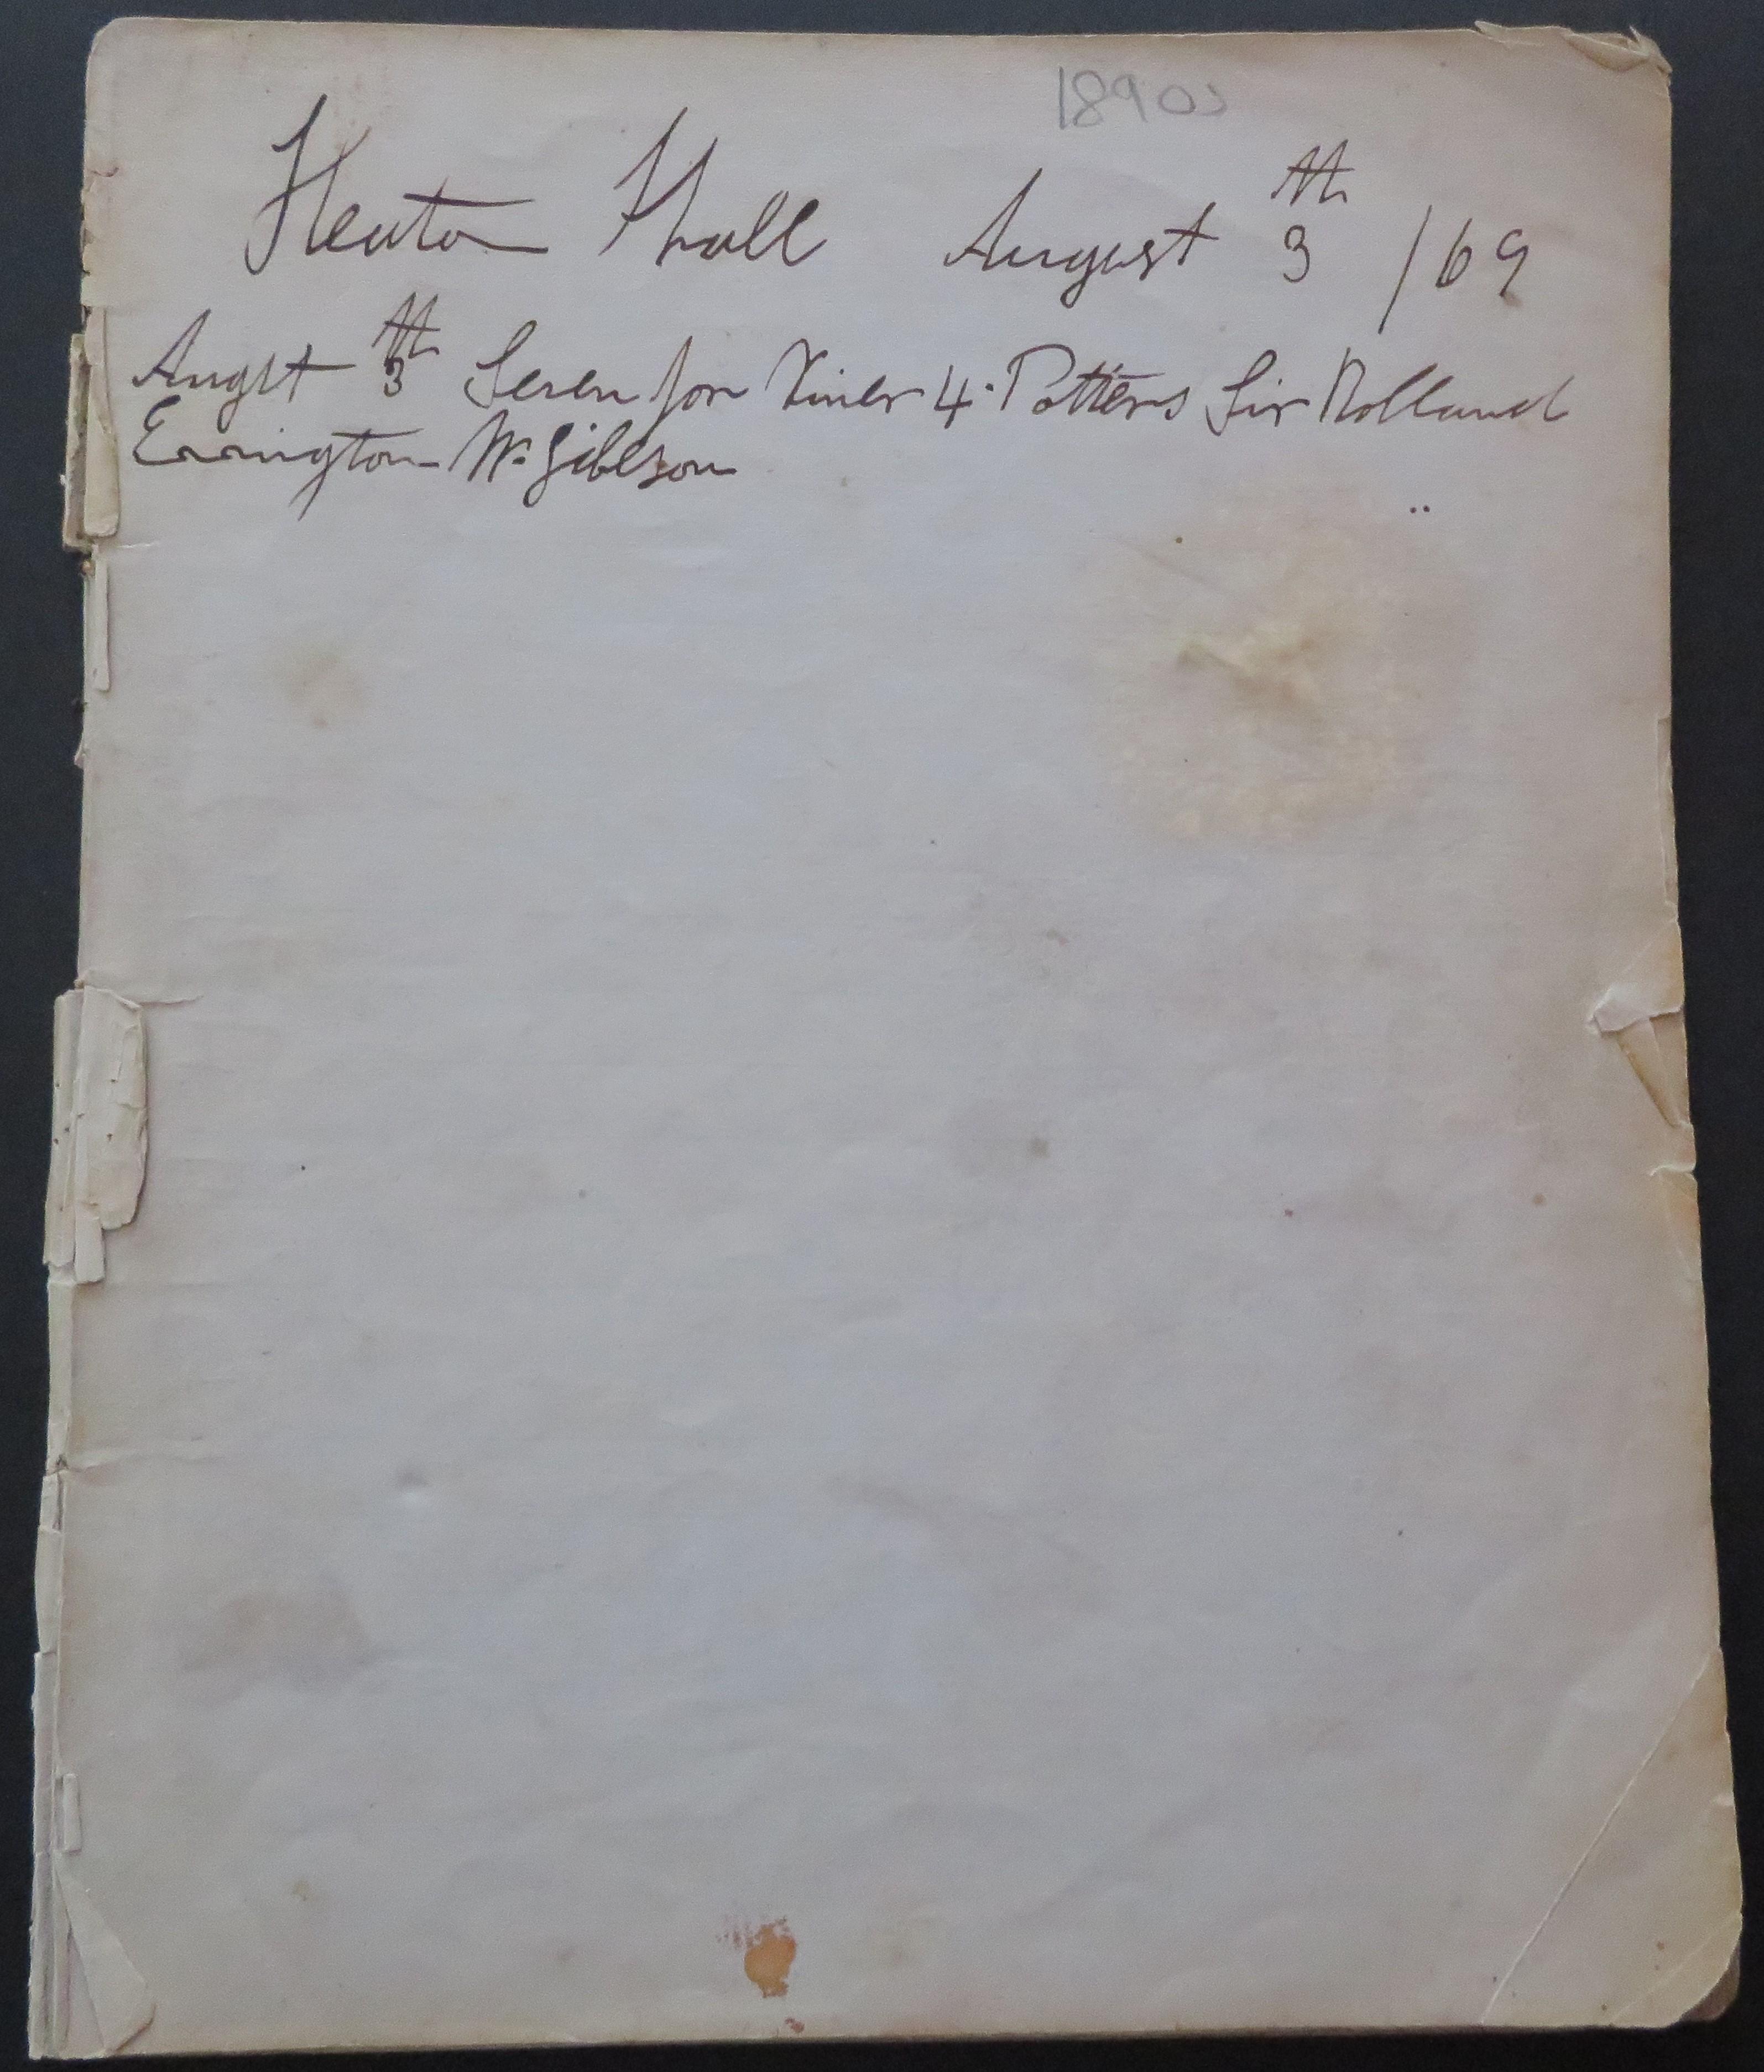 HeatonHallrecipesFirstPage1869